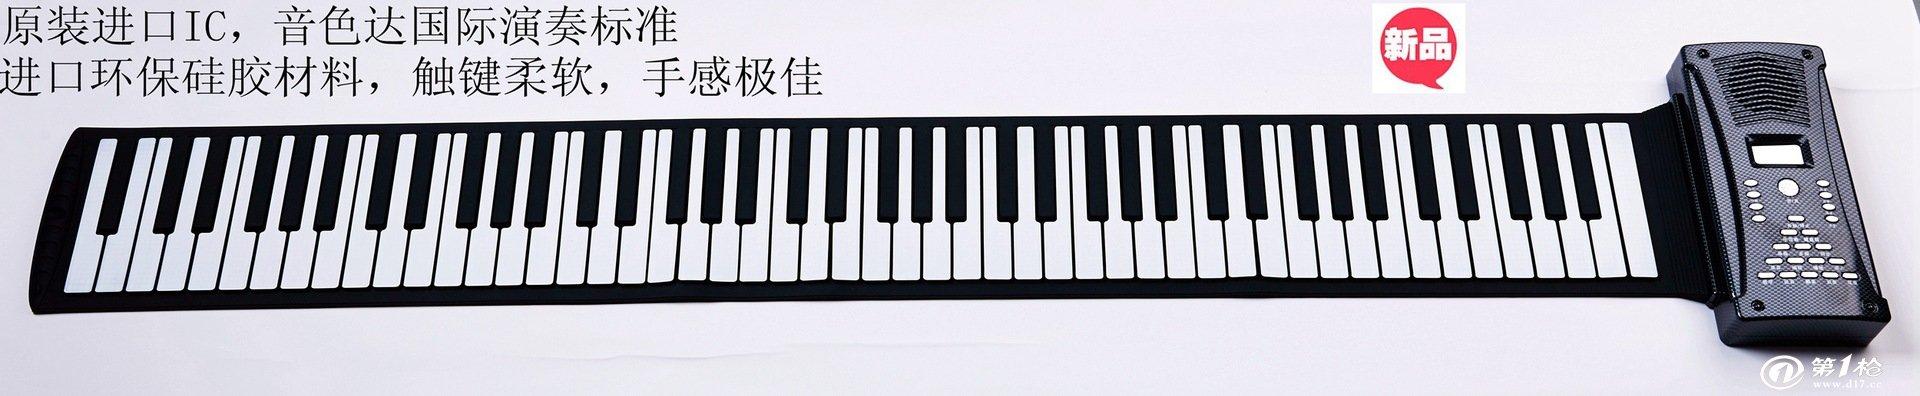 谁有钢琴键盘88键示意图? 那里可以找到?